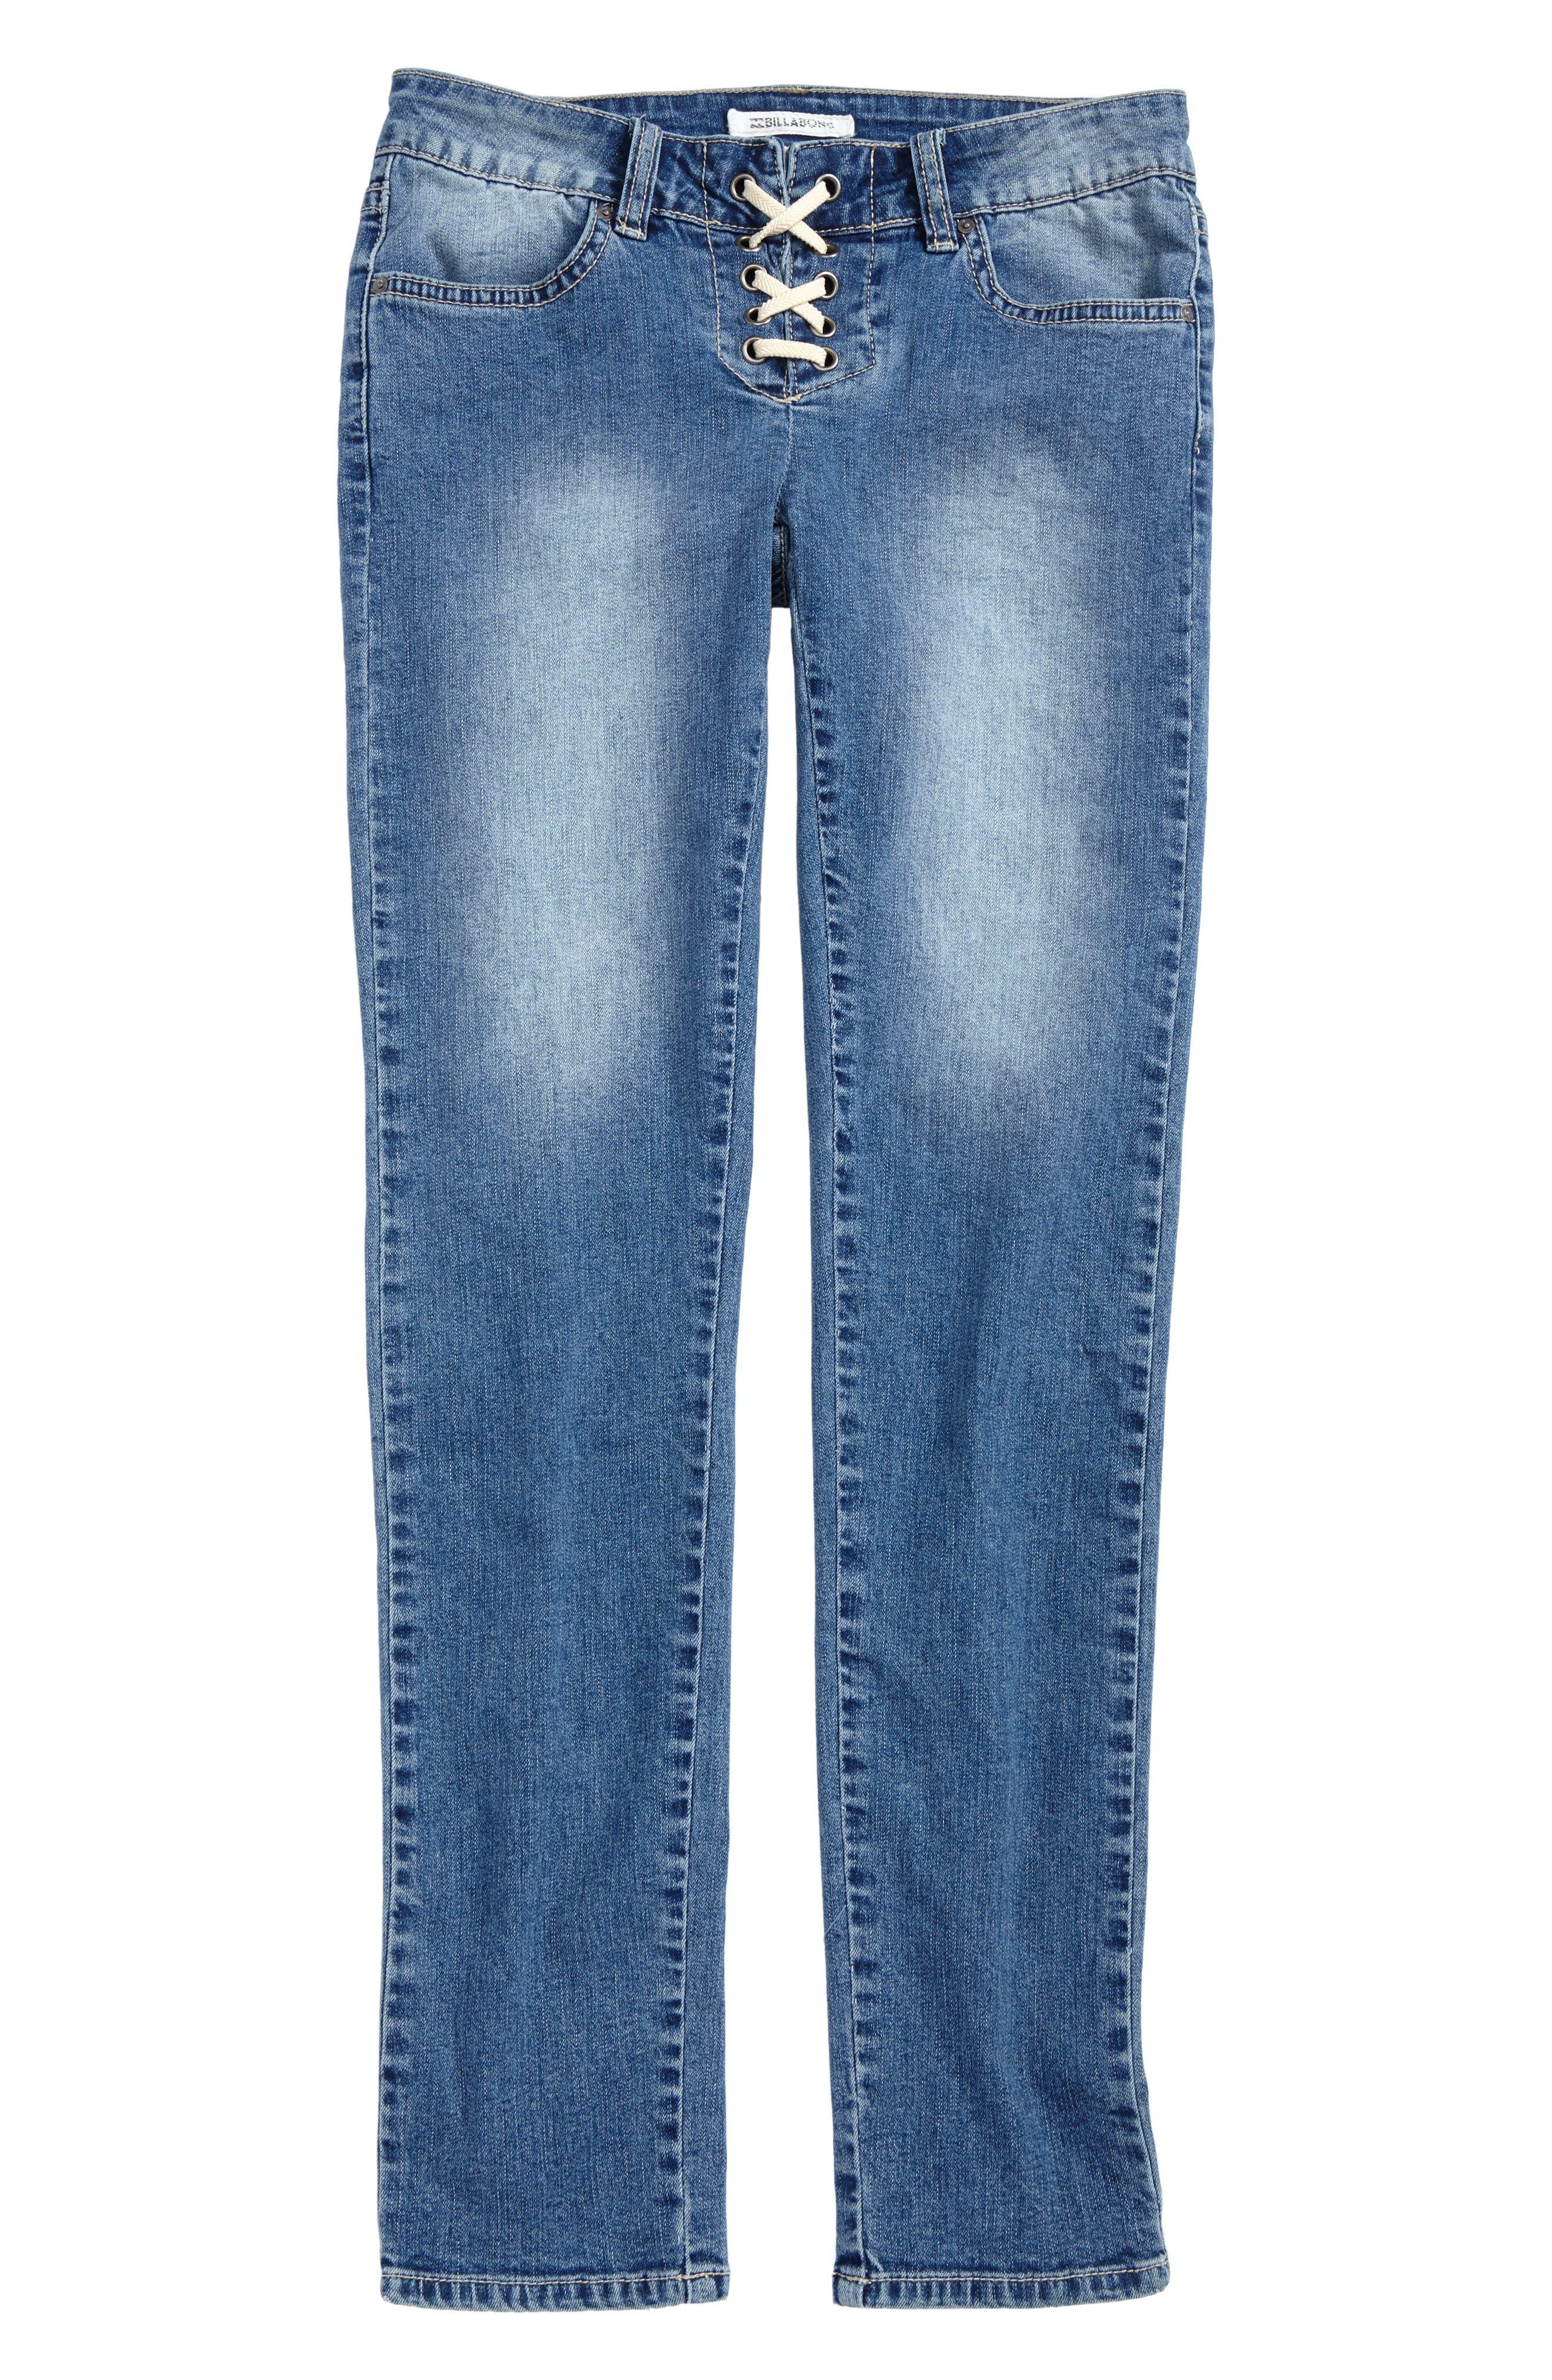 Billabong Side to Side Skinny Jeans (Big Girls)